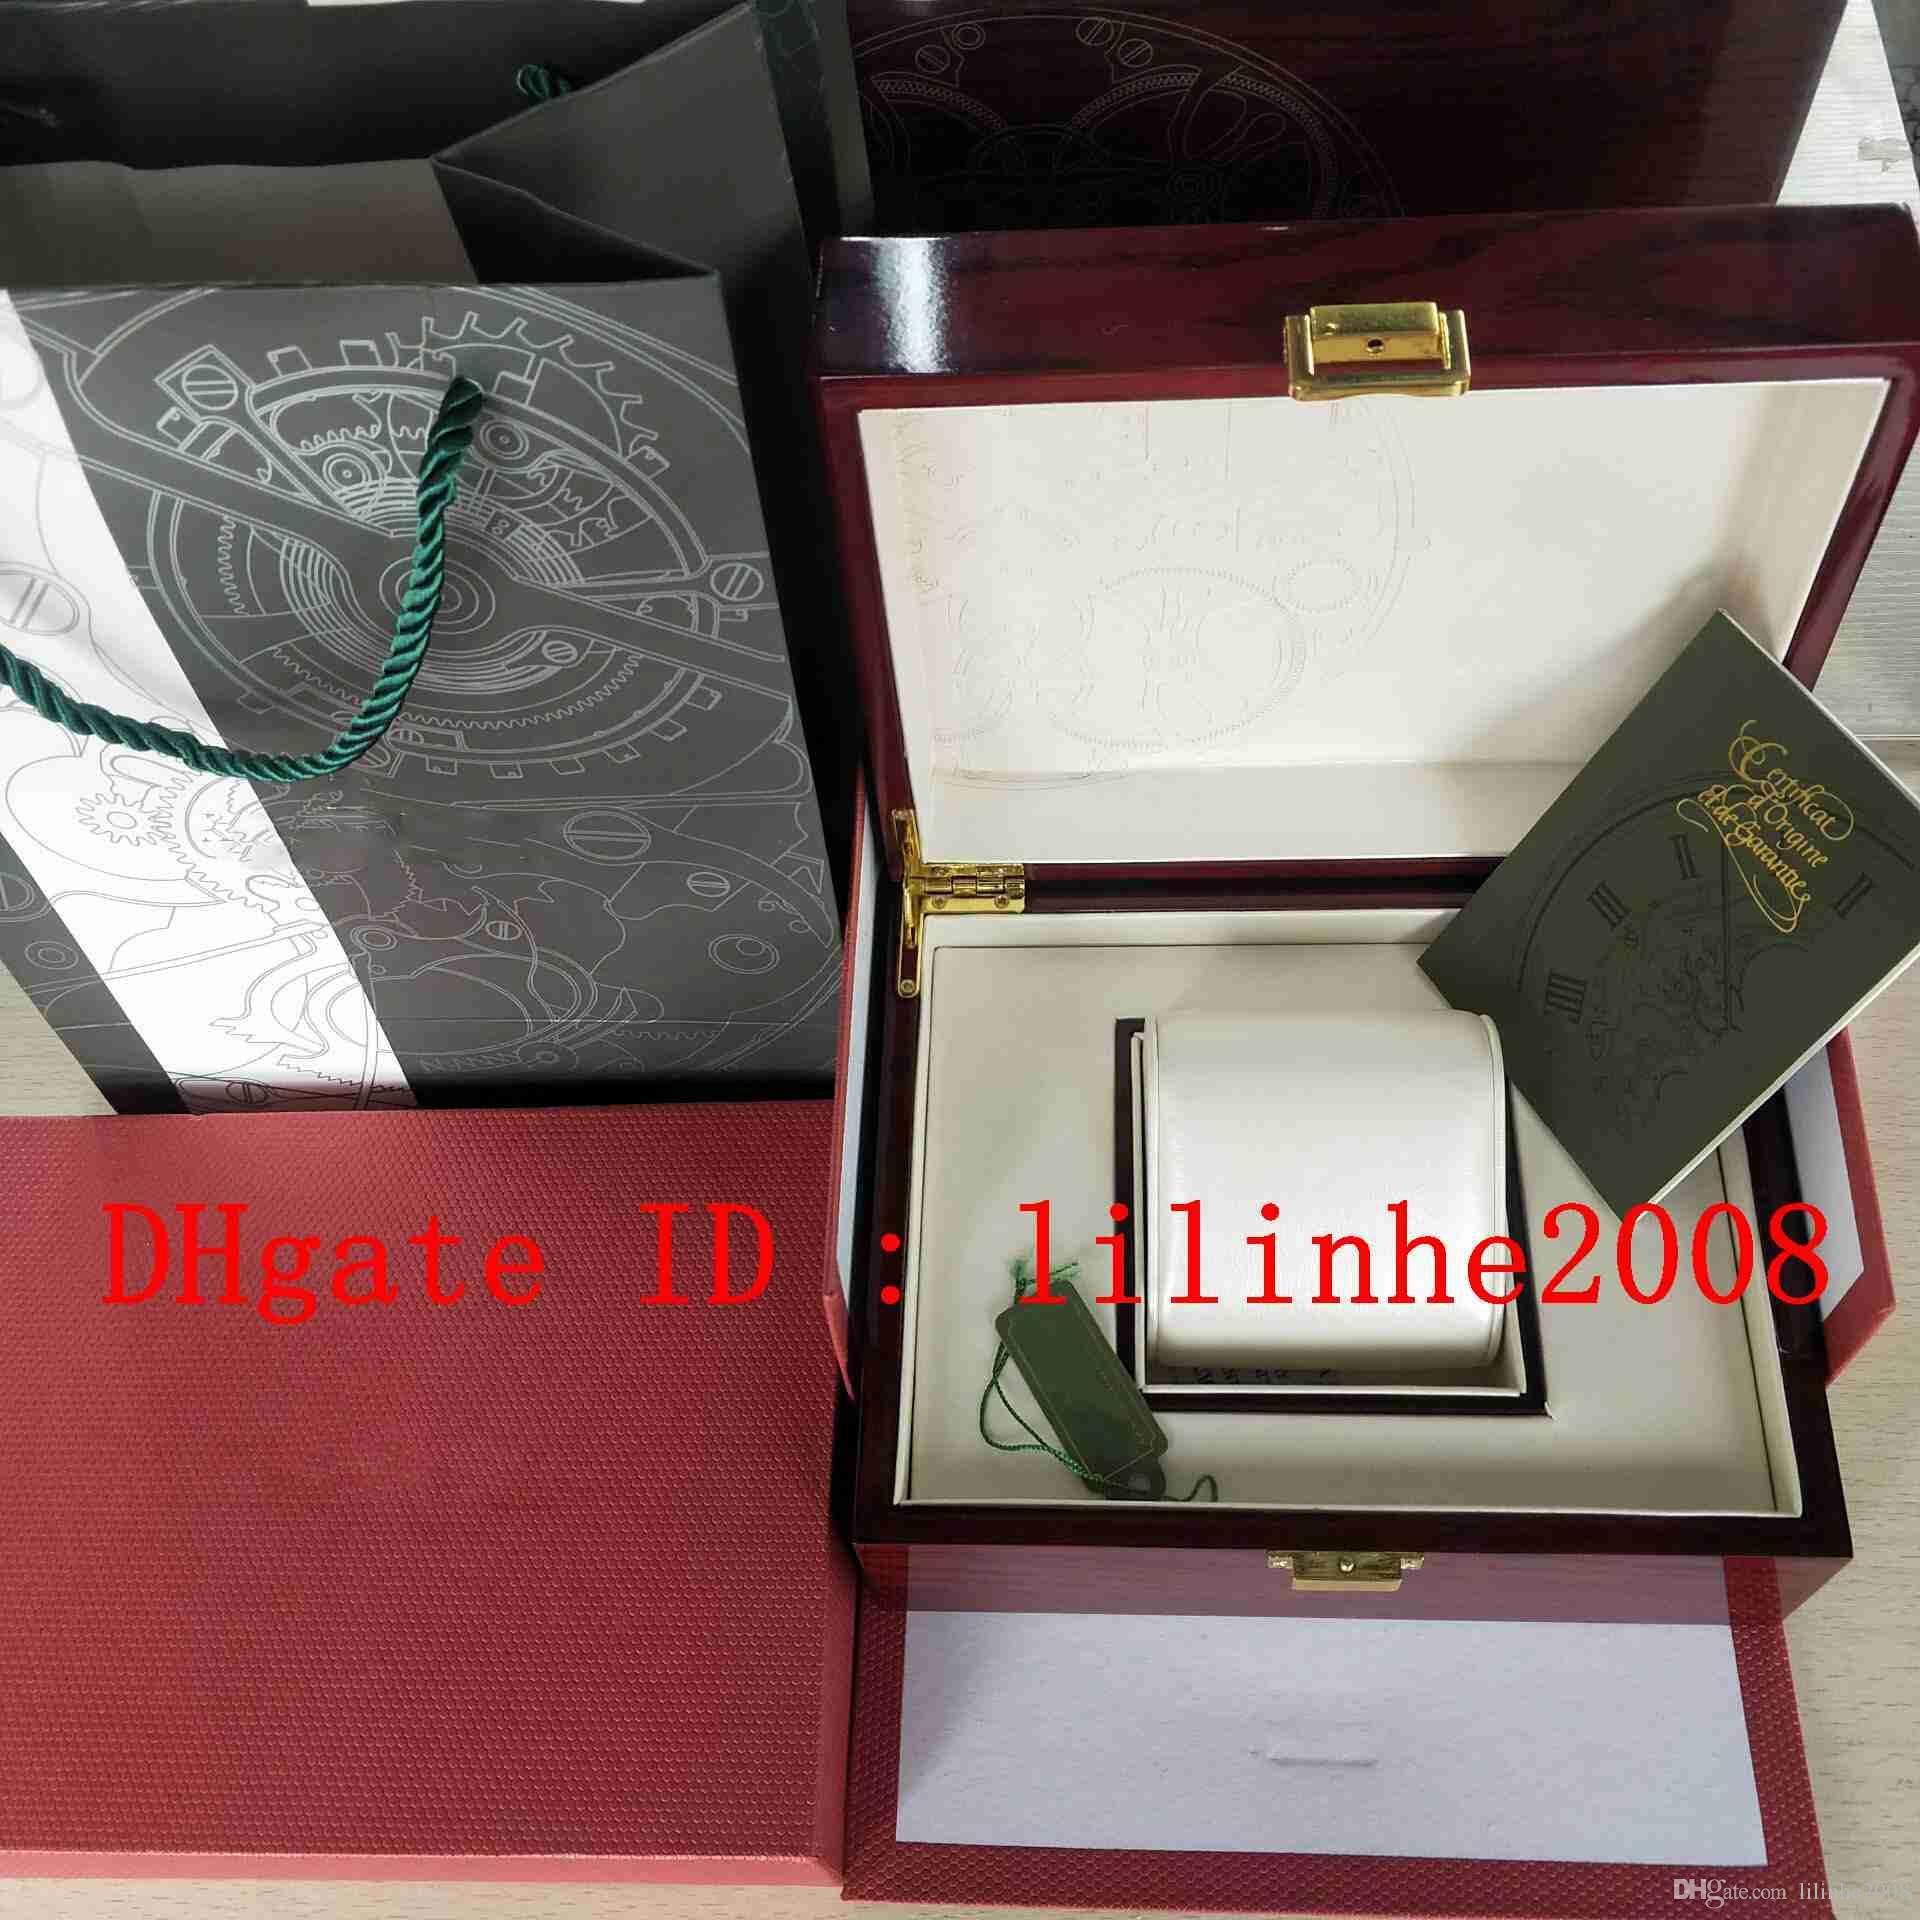 Luxo de Alta Qualidade Assista Caixa Original Papers Caixas De Madeira Vermelha Bolsa de Presente relógio Para 15400 15710 3120 3126 7750 Relógios de Mens Relógios De Pulso